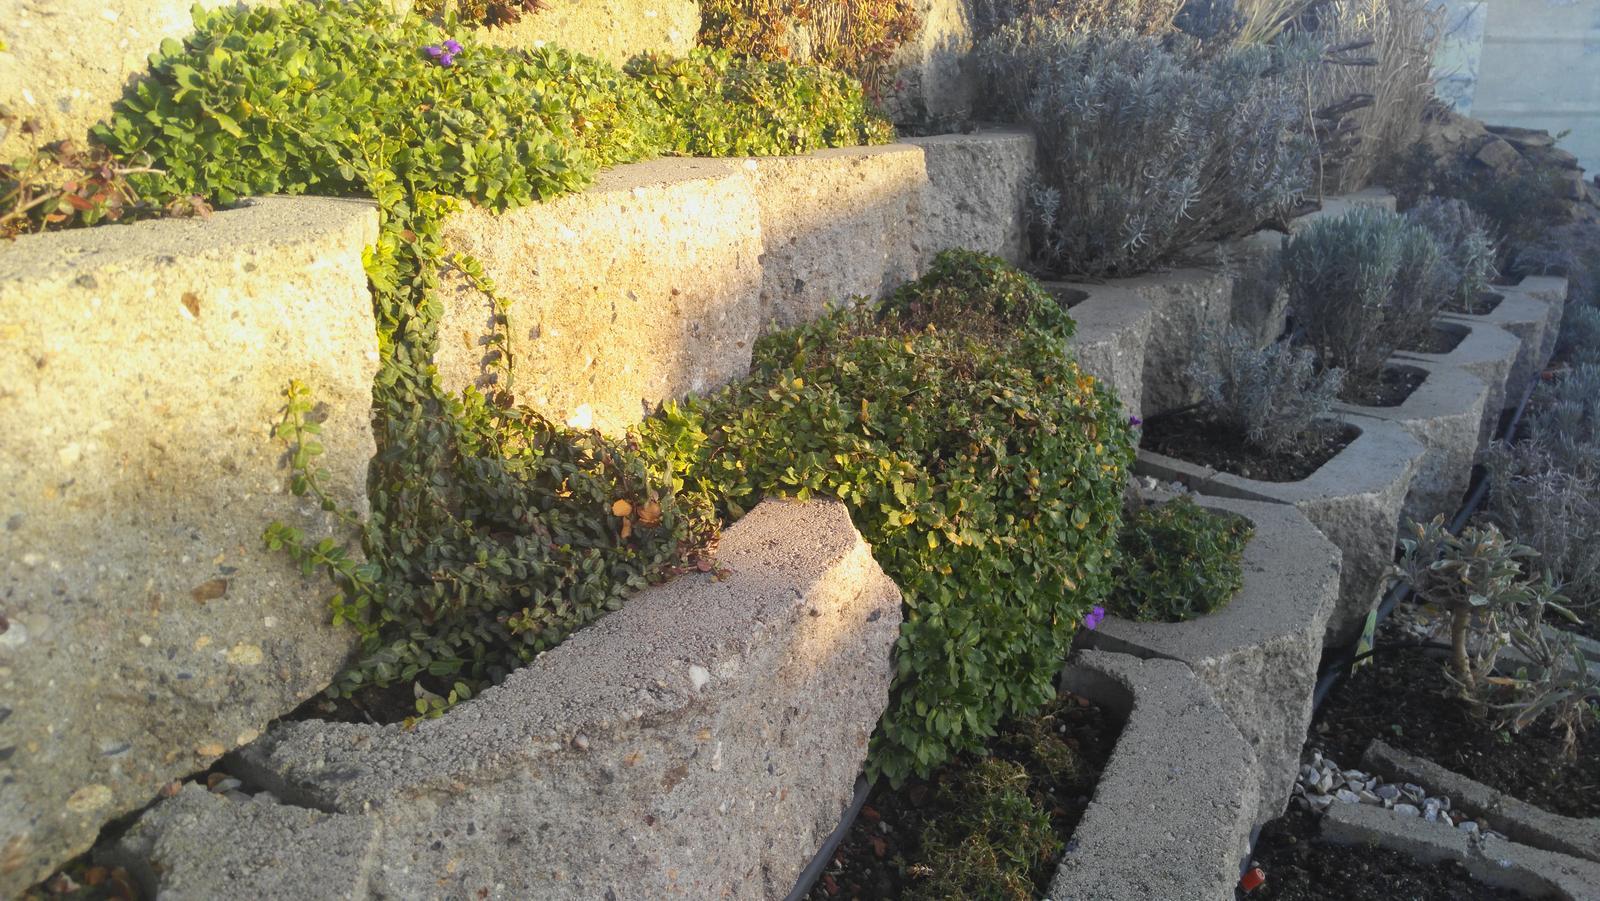 07 Vegetačný oporný múr sa na jar prebúdza ( rozšírené 19.6.2020 ) - 2020 04 14 Plazivá zeleň sa od minulého roku pekne ujala a začína pokrývať betónové tvarovky.